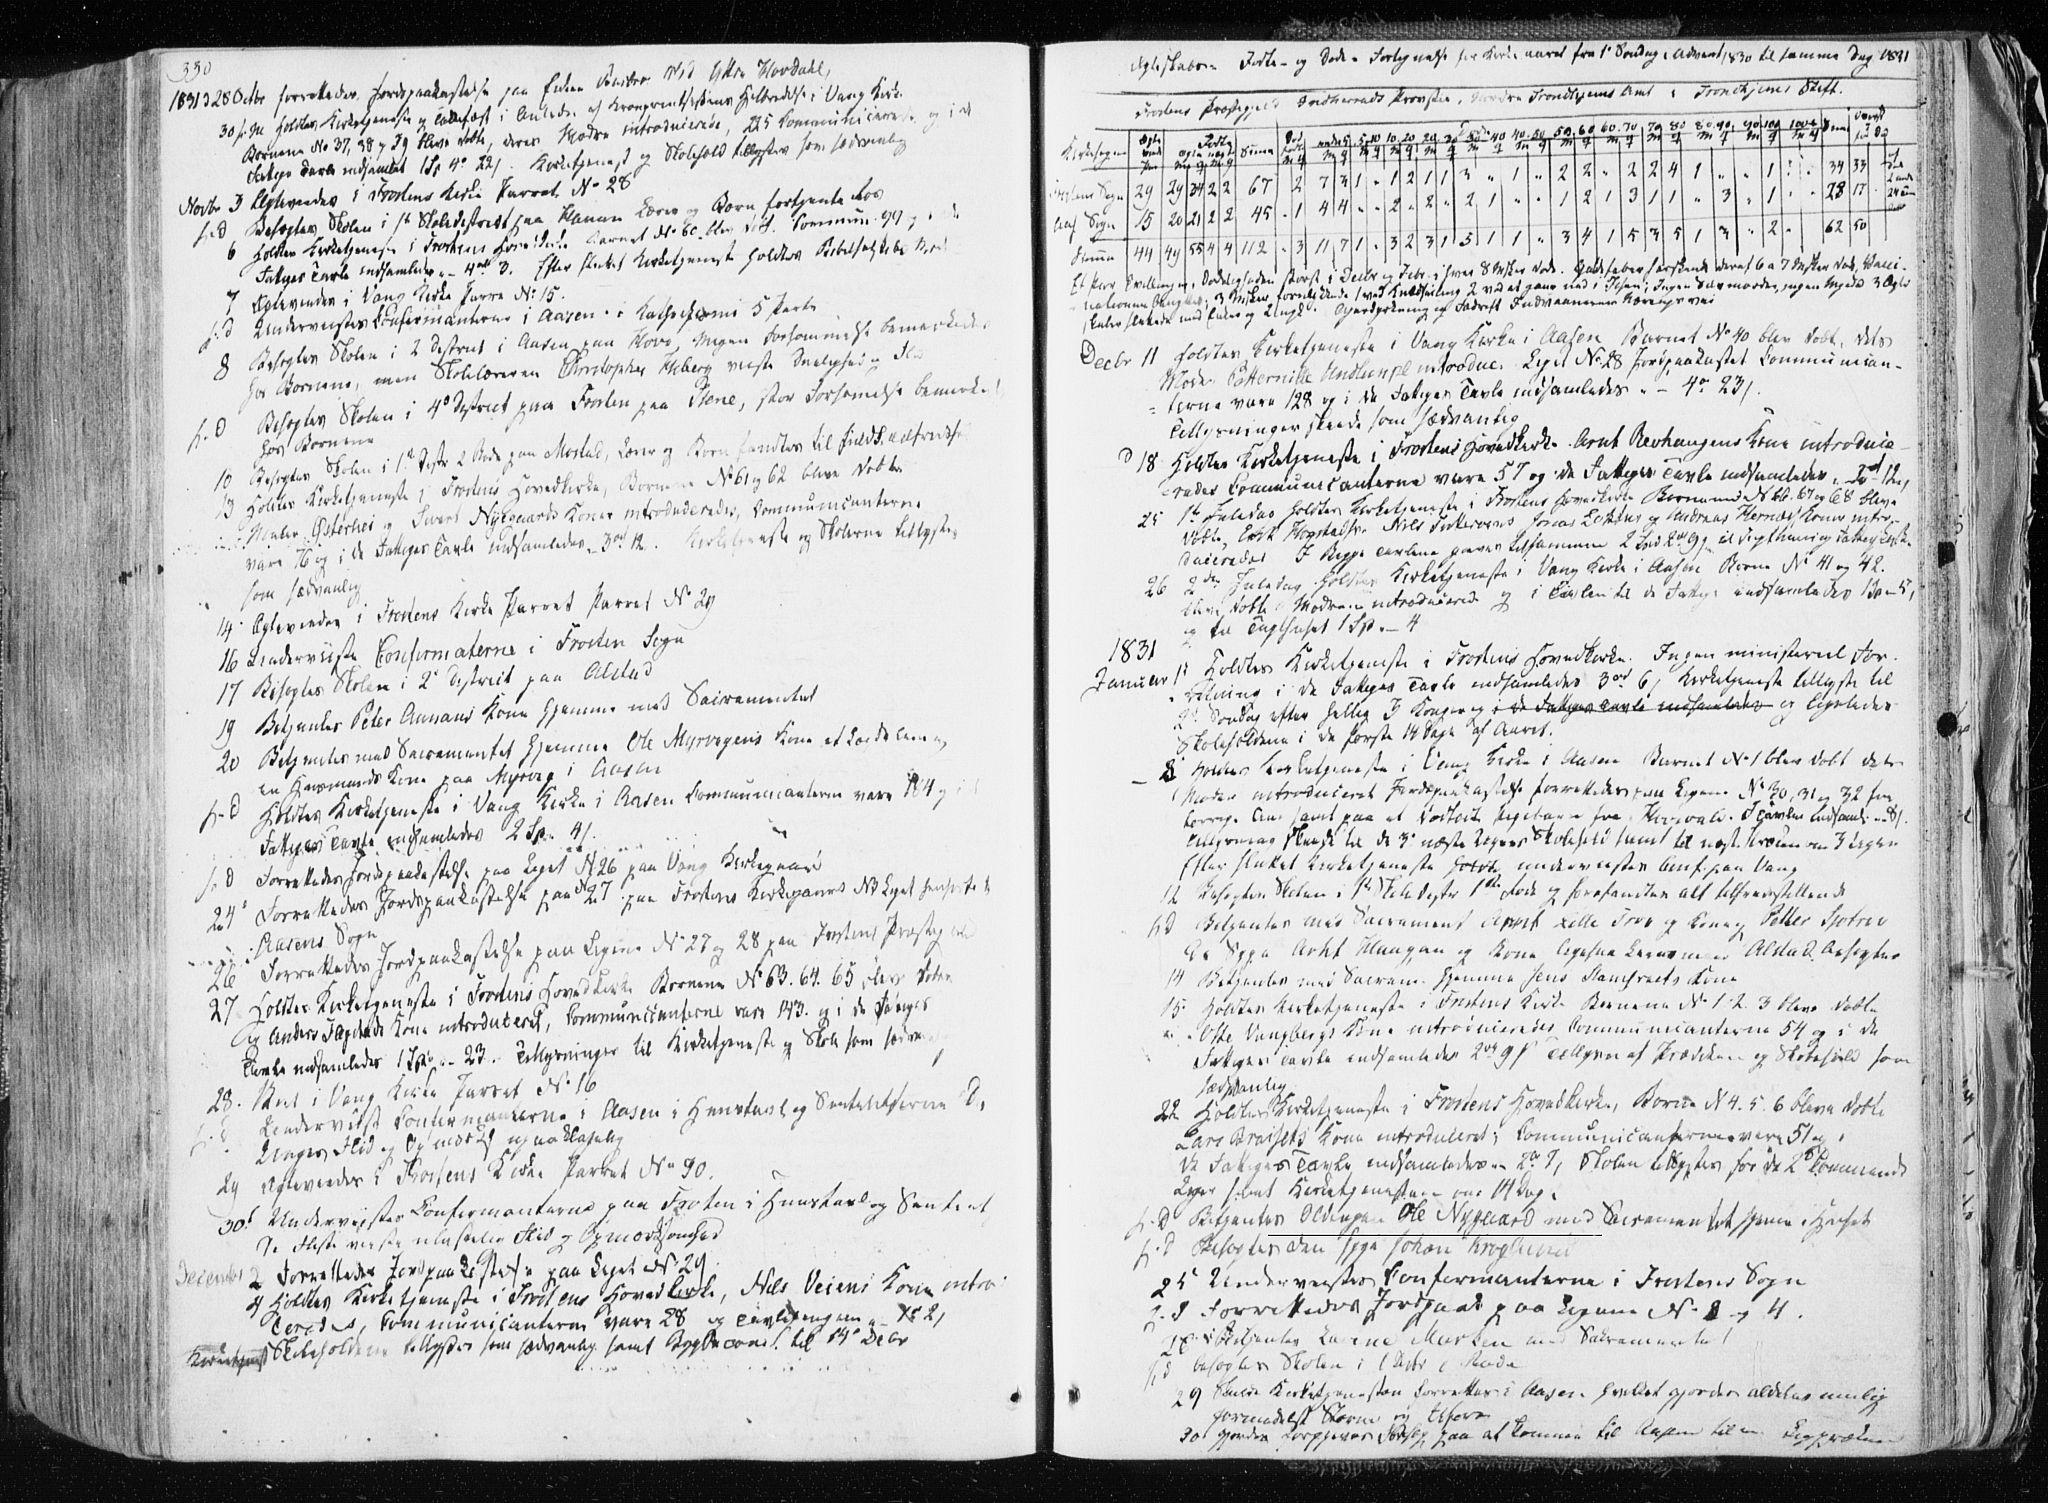 SAT, Ministerialprotokoller, klokkerbøker og fødselsregistre - Nord-Trøndelag, 713/L0114: Ministerialbok nr. 713A05, 1827-1839, s. 330